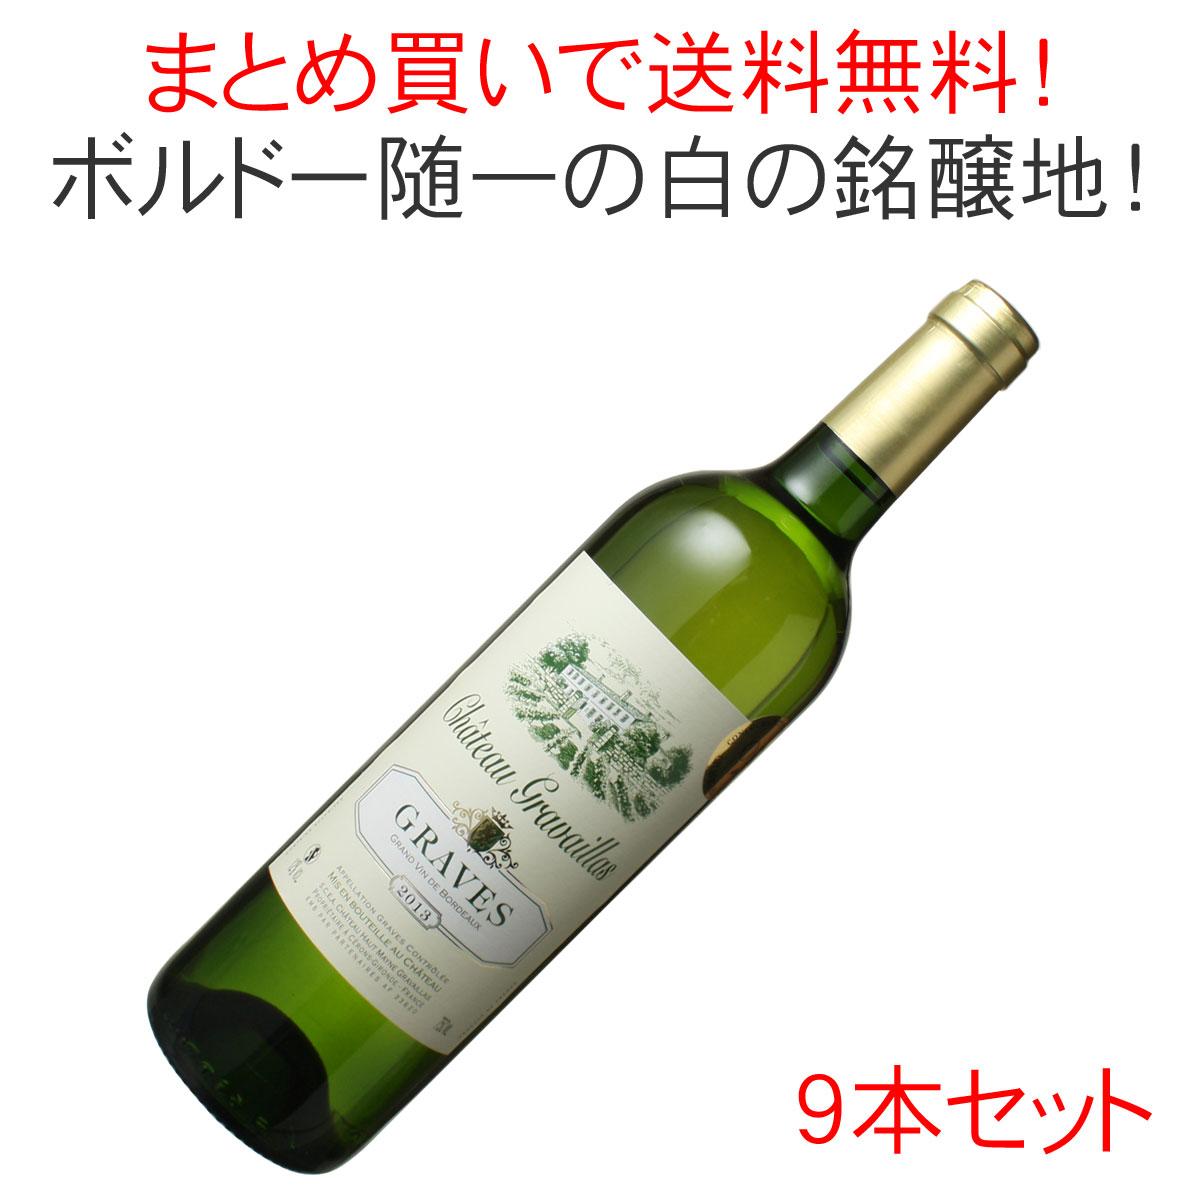 【送料無料】シャトー・グラヴァイヤス [2013] 1ケース9本セット <白> <ワイン/ボルドー>